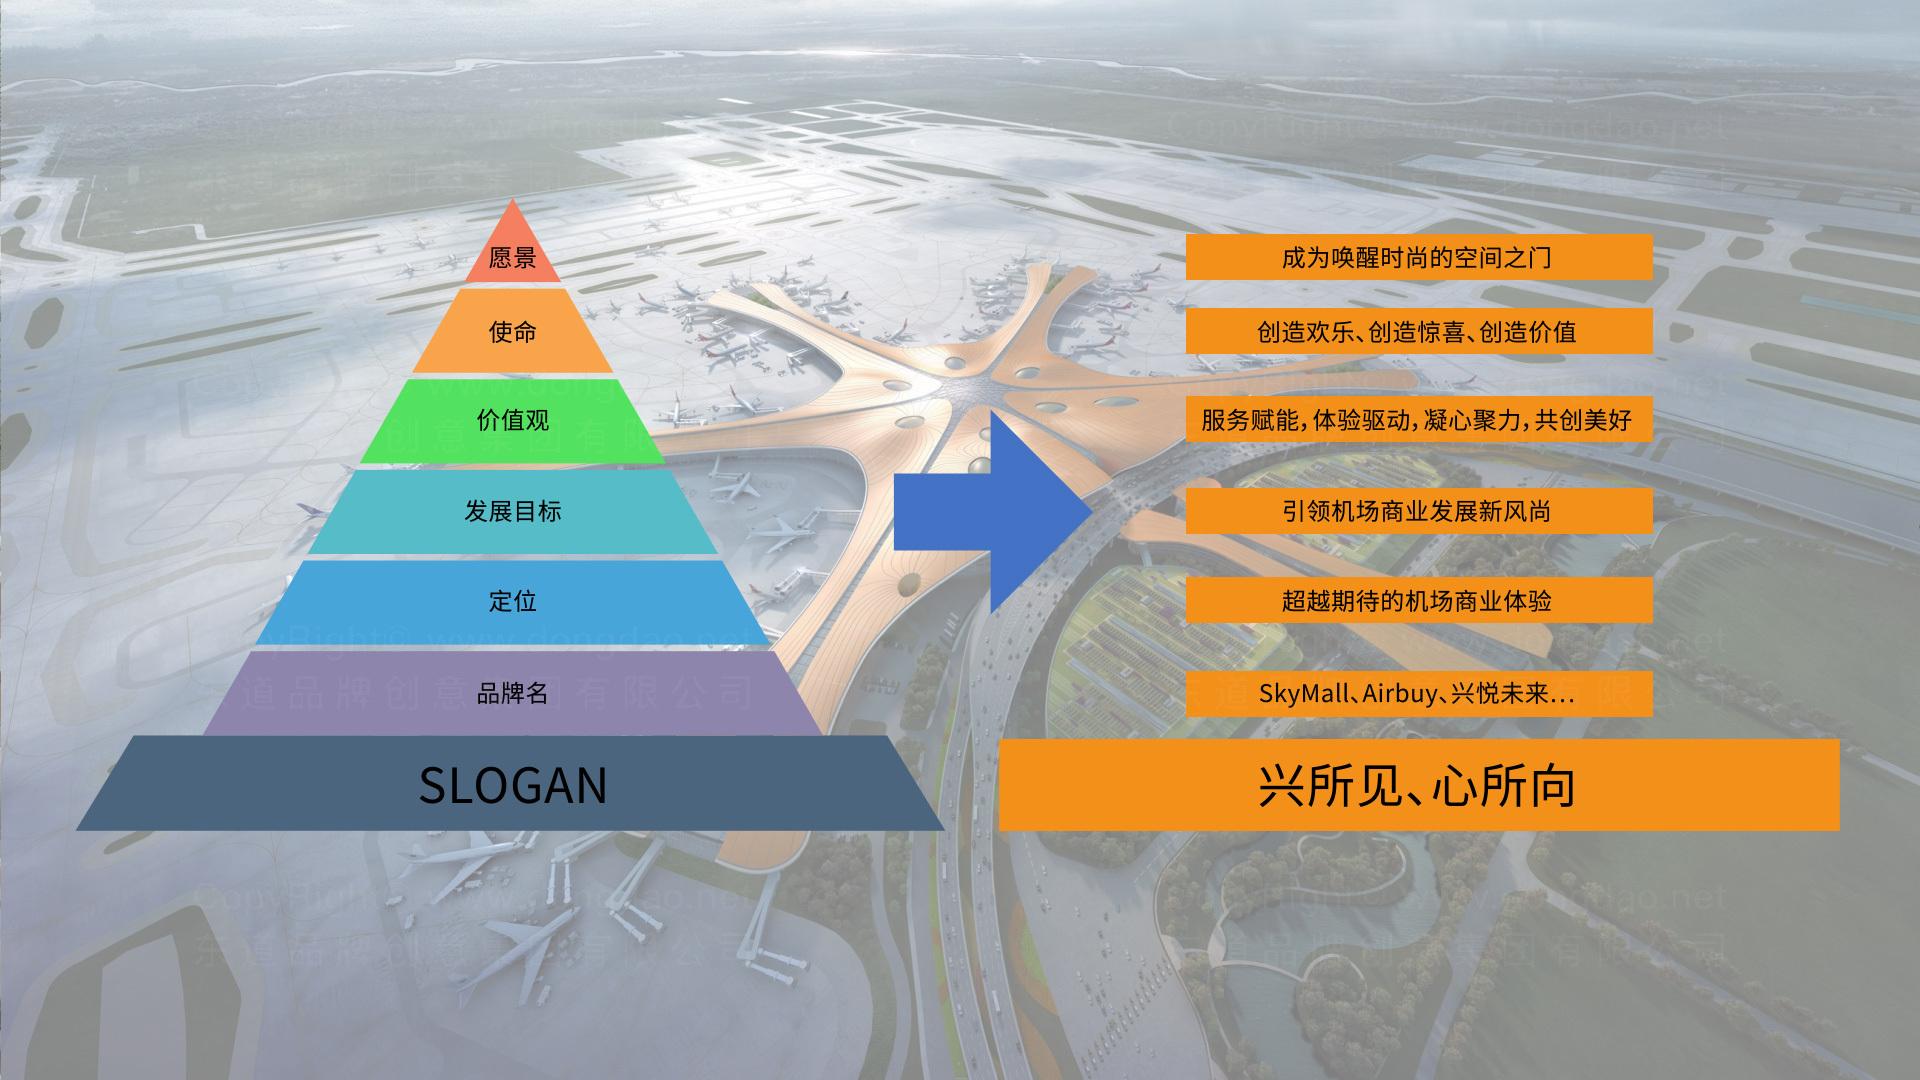 公关传播大兴机场品牌战略+传播推广应用场景_3